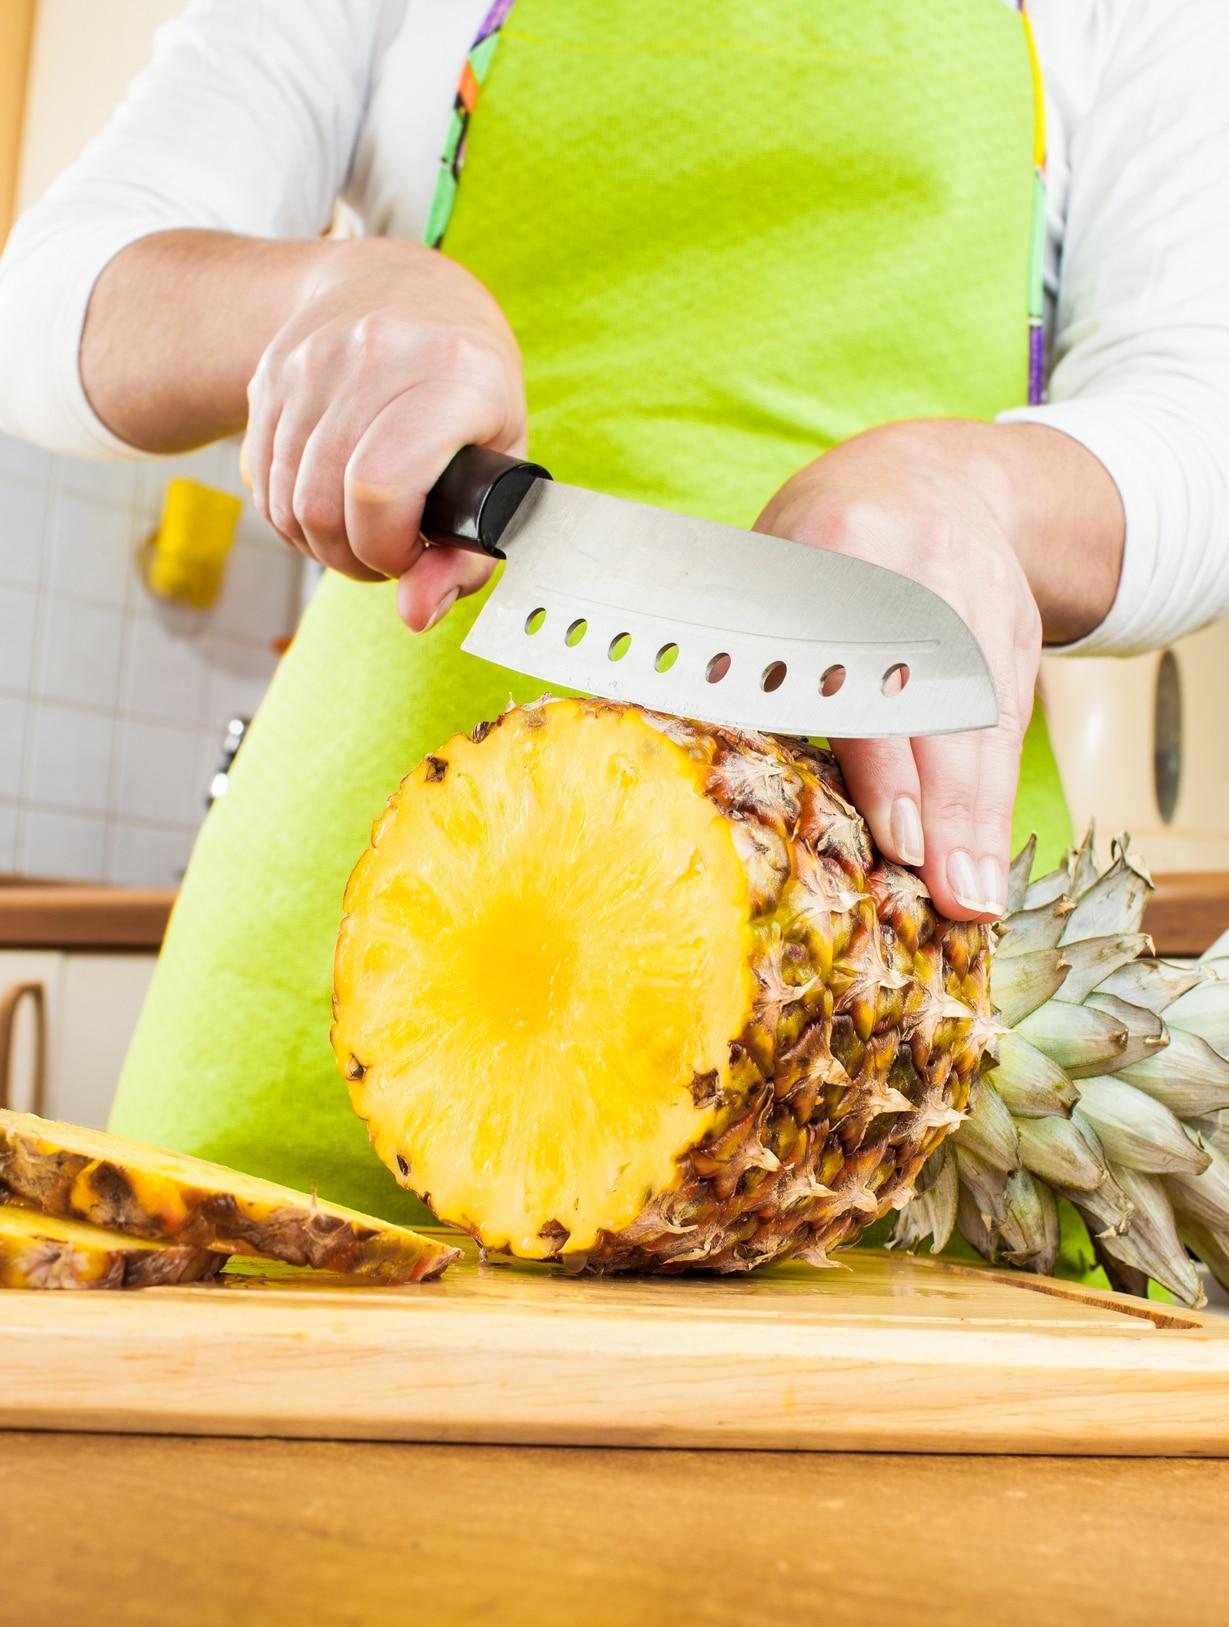 Híres amerikai filmsztárok villámdiétája ananásszal